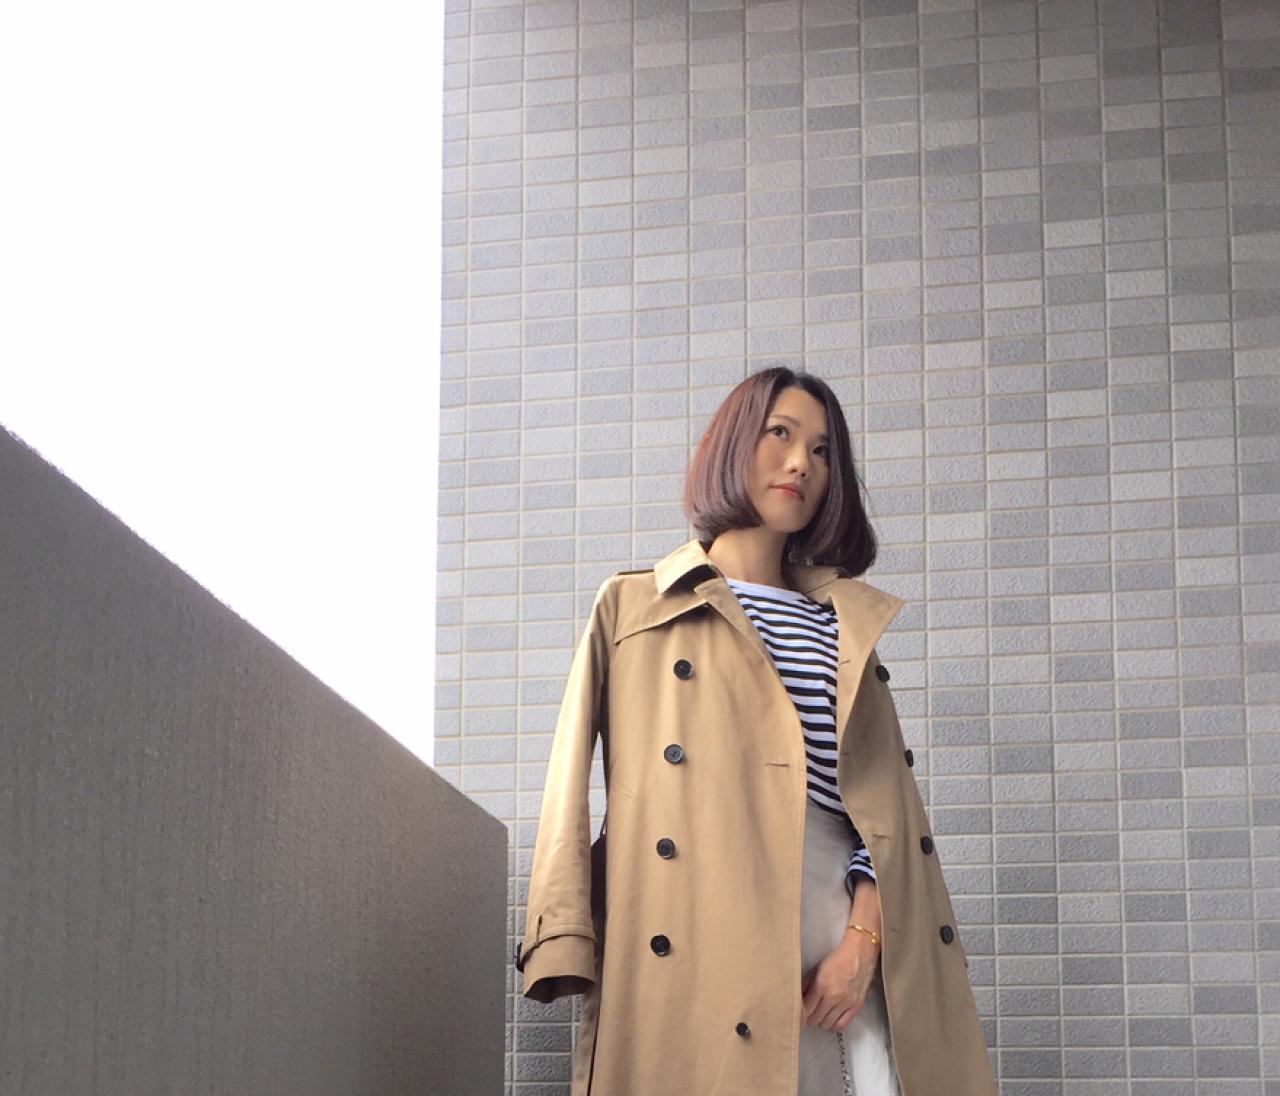 【#ときめきトレンチ #OOTD】吉田有希さん